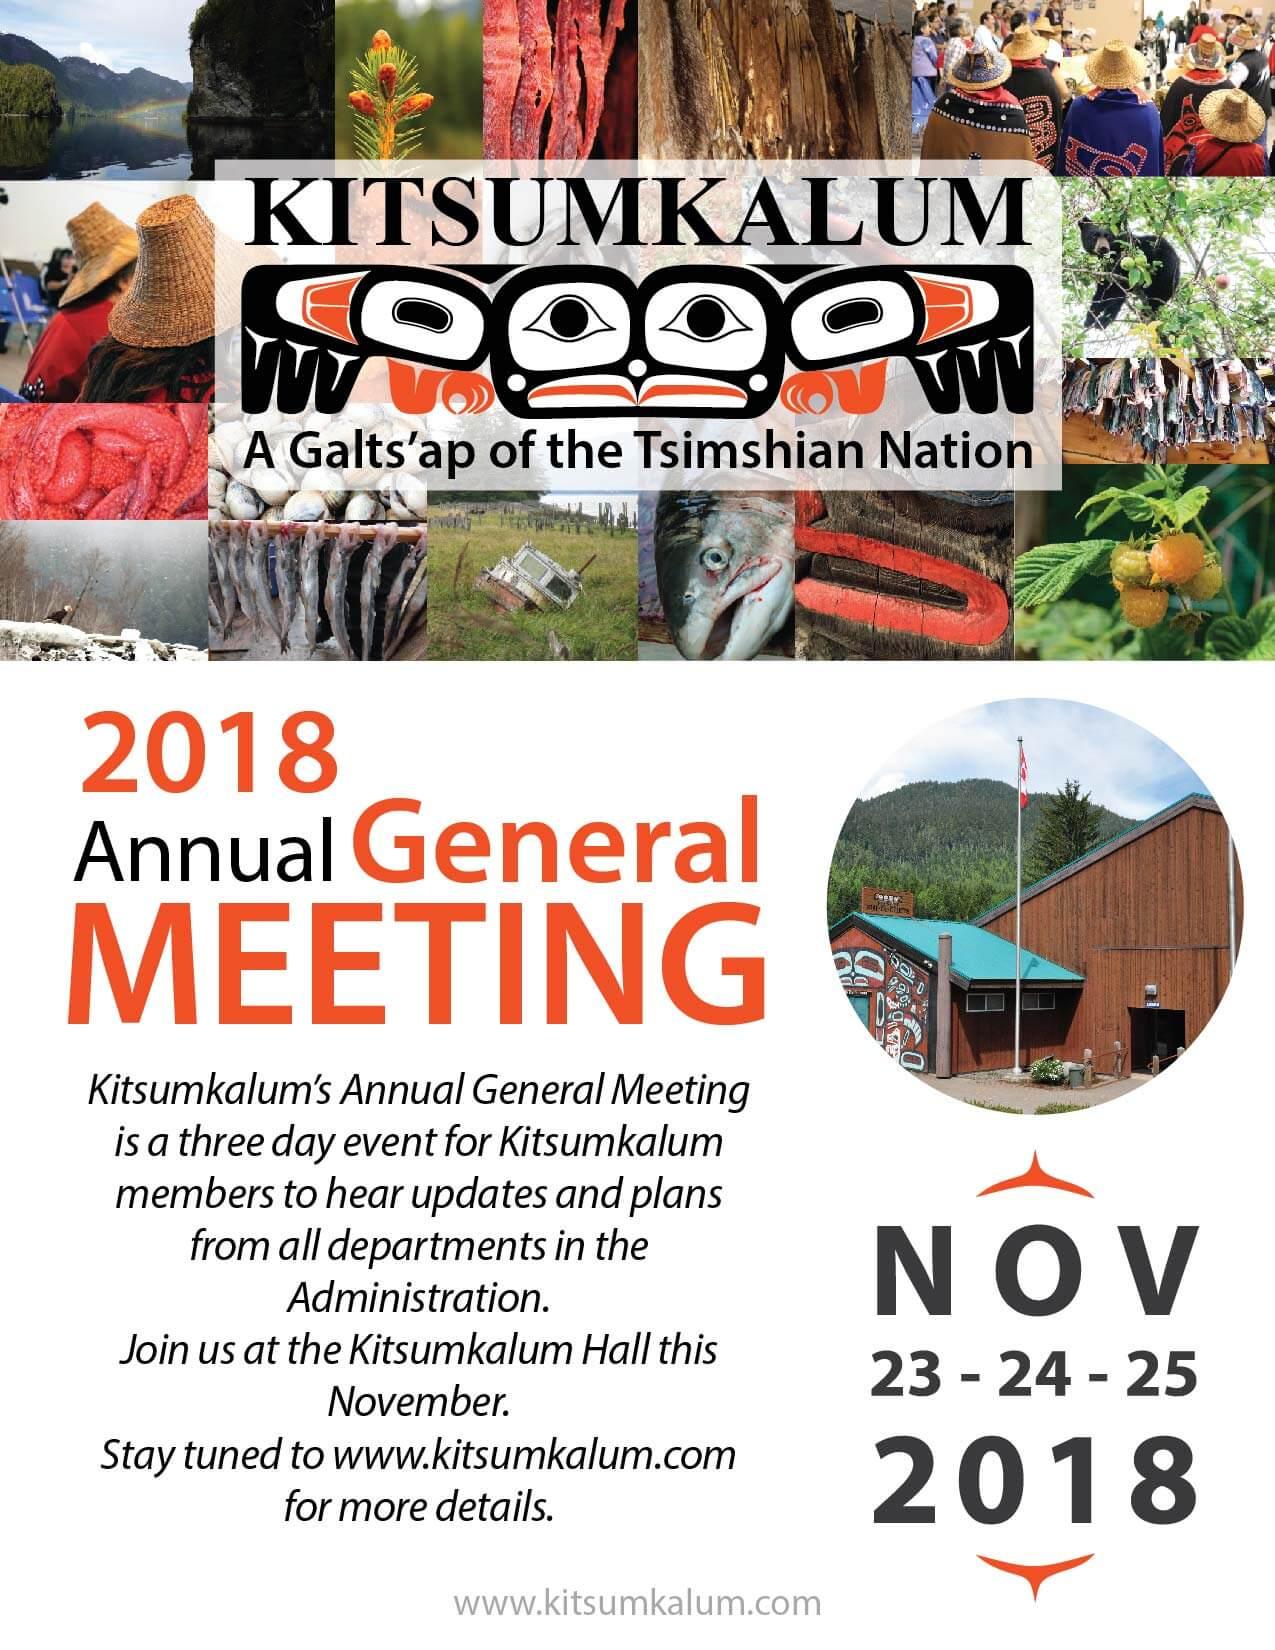 2018 Annual General Meeting held in November